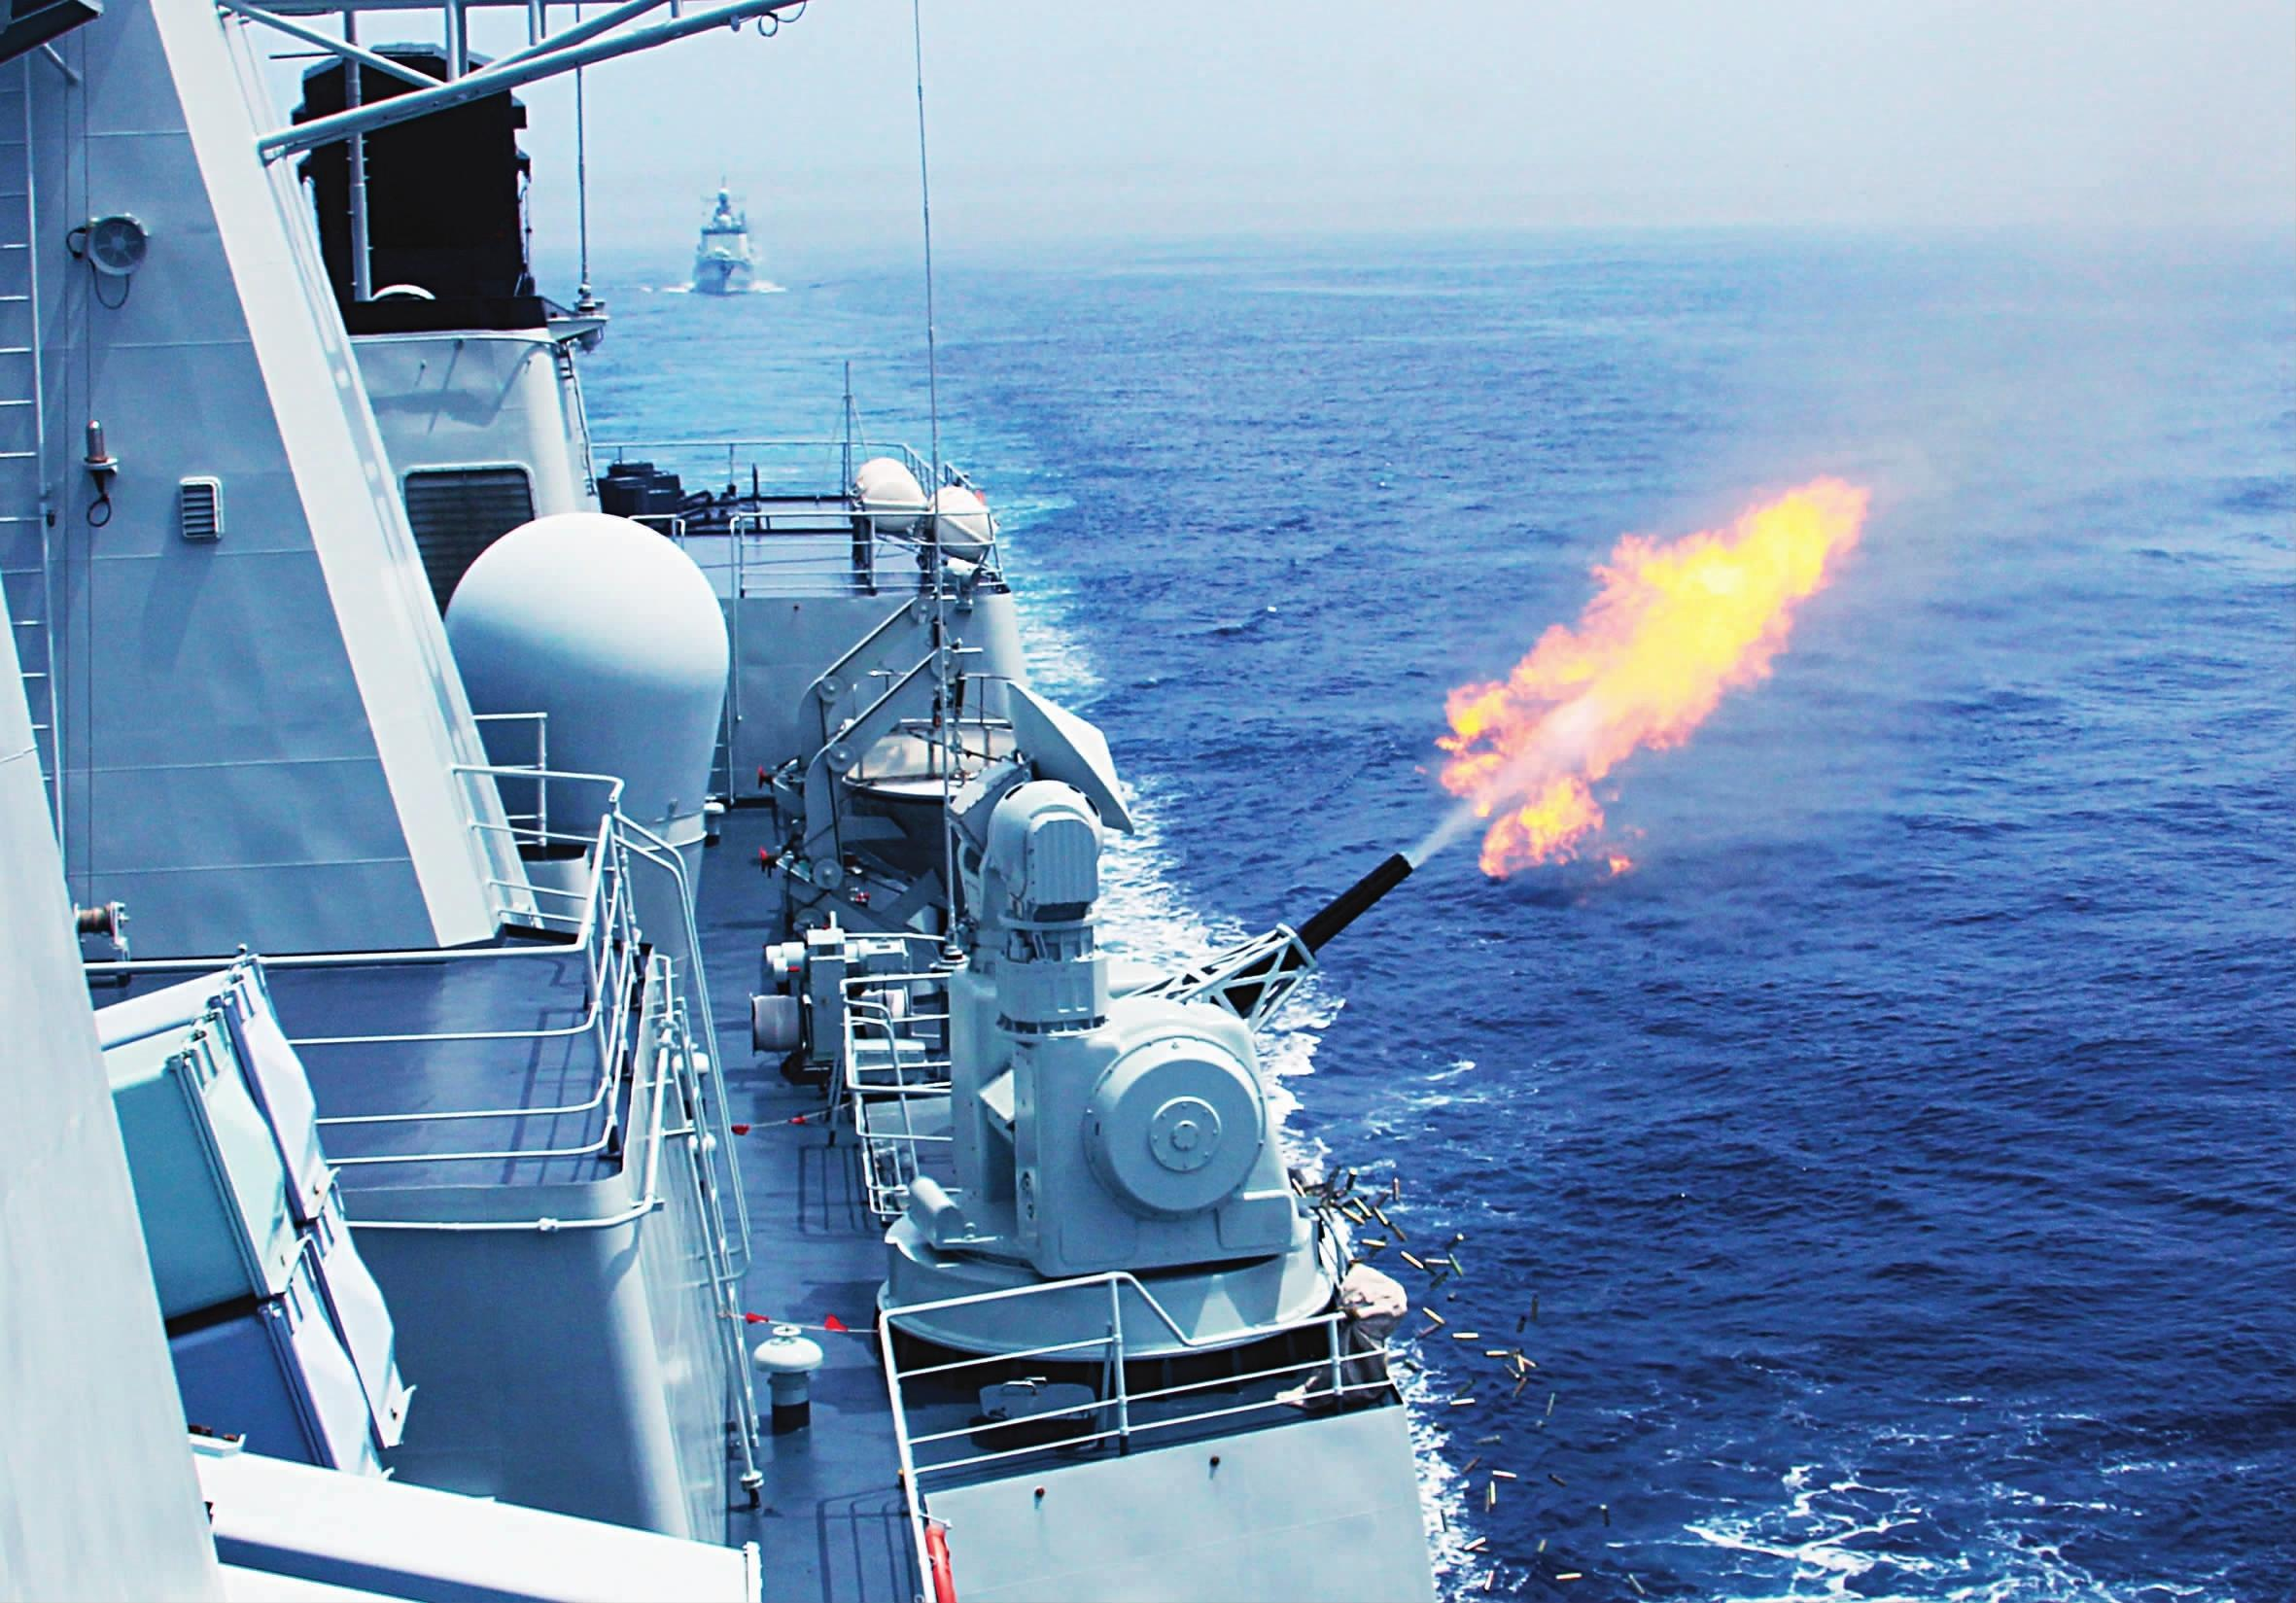 美海军战略文件披露,令美感到最紧迫的是中国海军现代化建设?